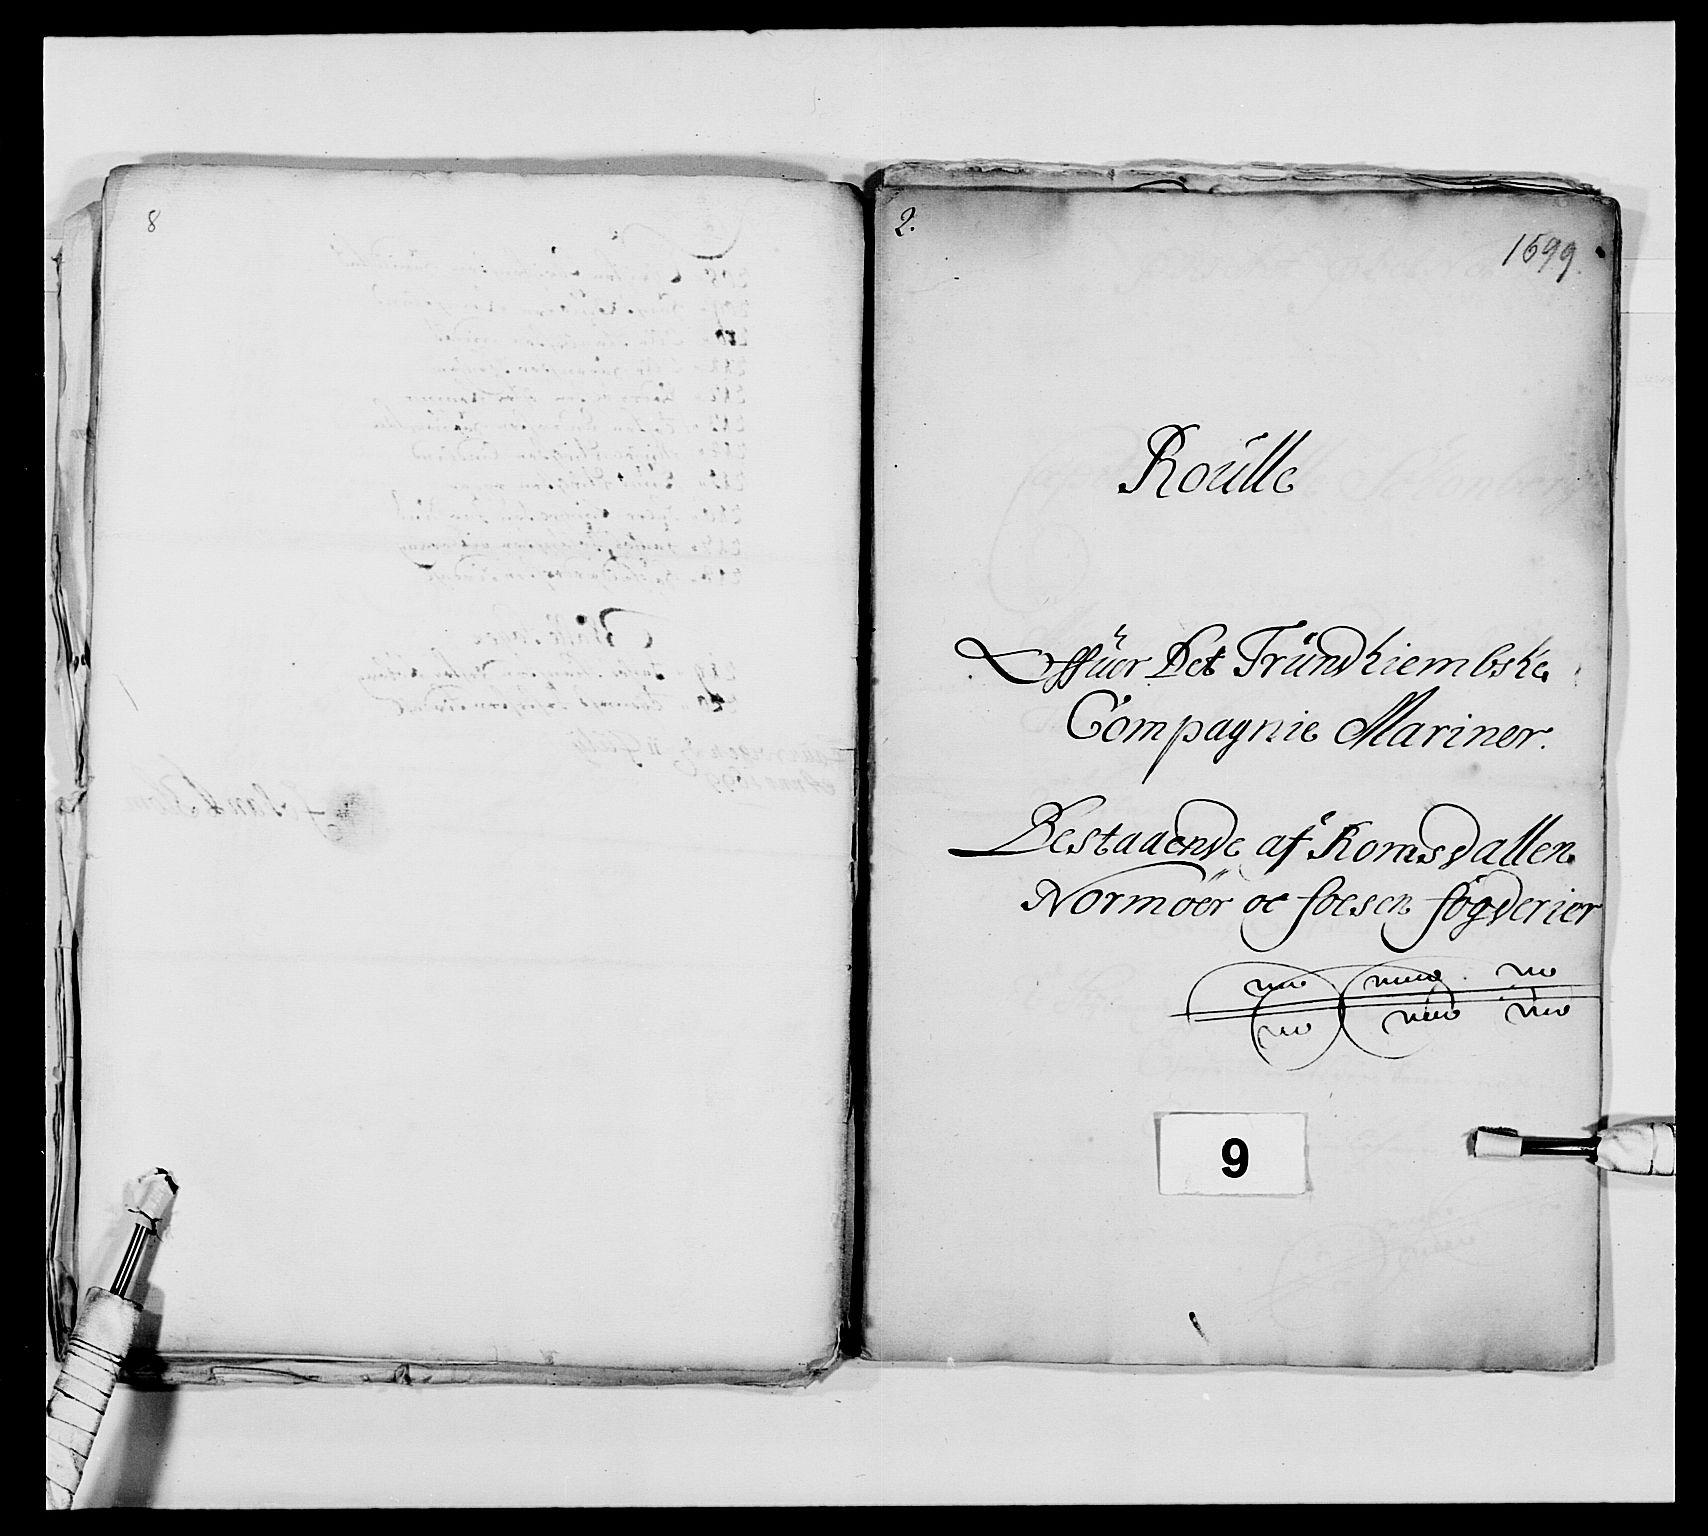 RA, Kommanderende general (KG I) med Det norske krigsdirektorium, E/Ea/L0473: Marineregimentet, 1664-1700, s. 166